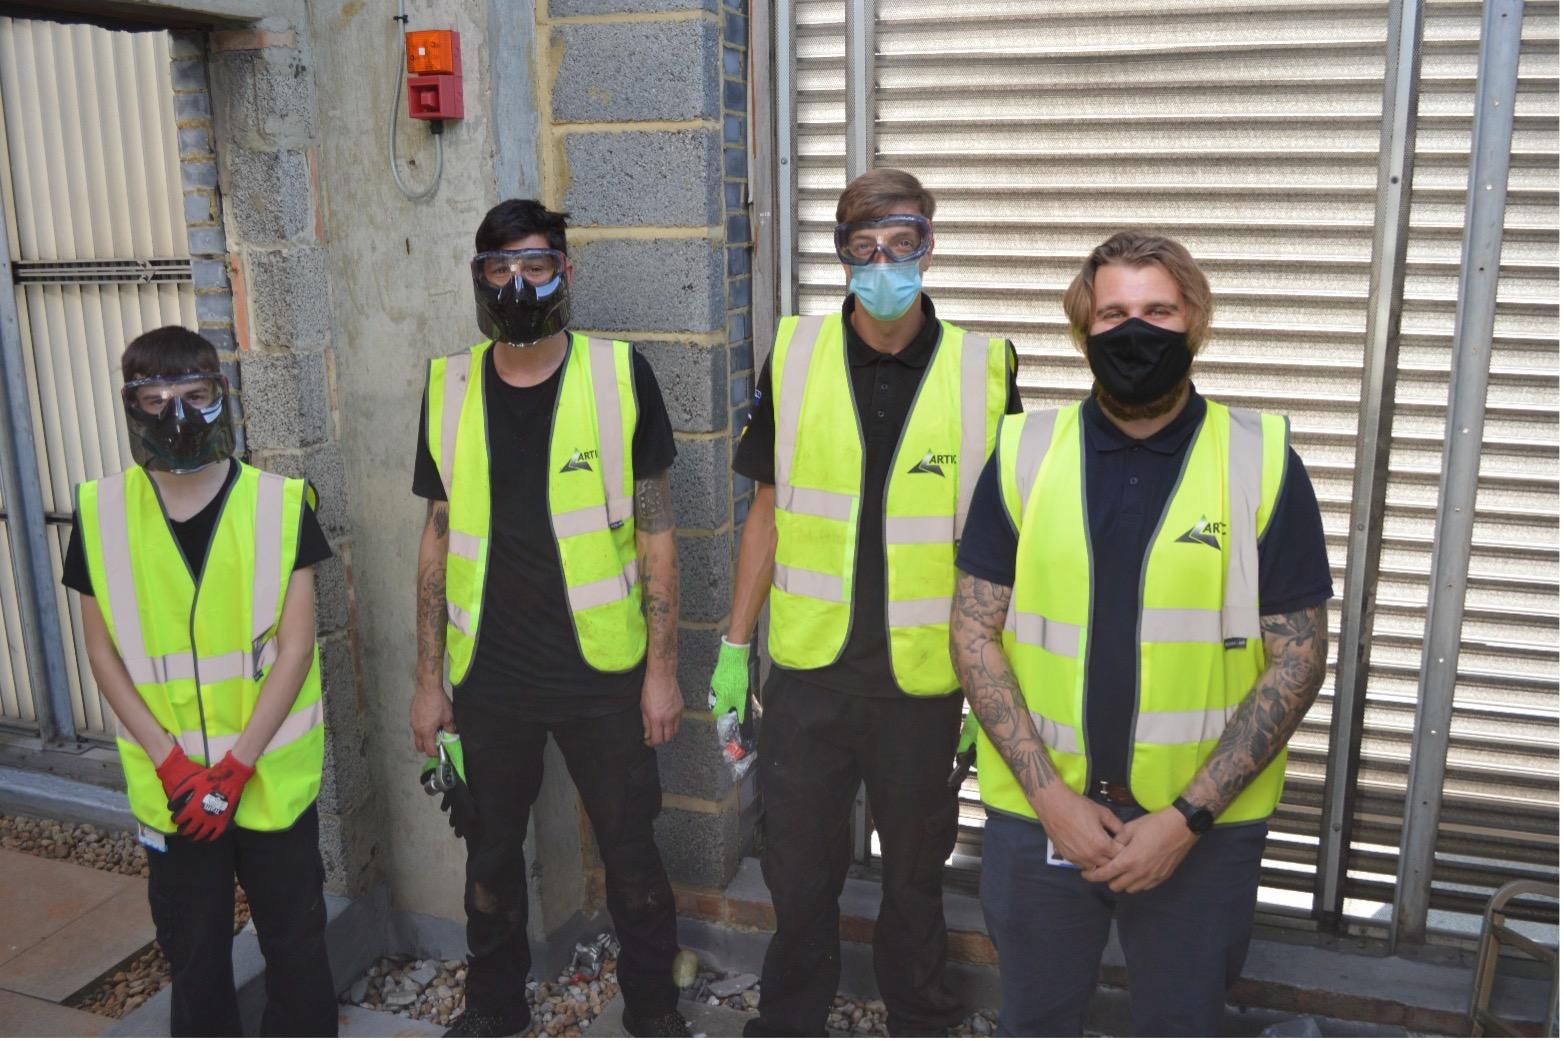 Engineer team in PPE